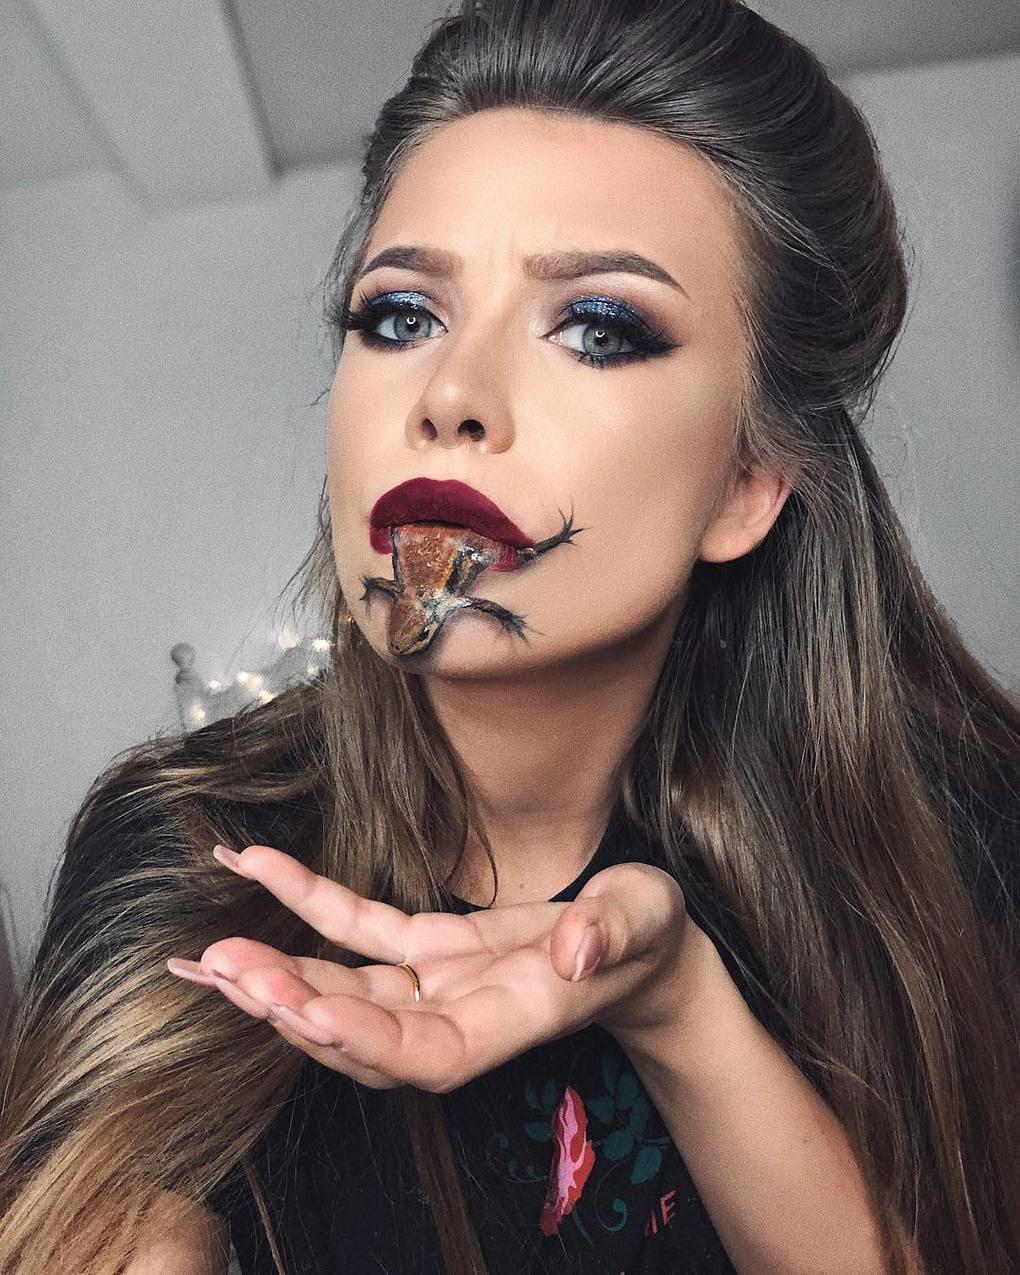 Визажист из Литвы делает макияж, с которым на Хэллоуине любая будет звездой вечеринки 10